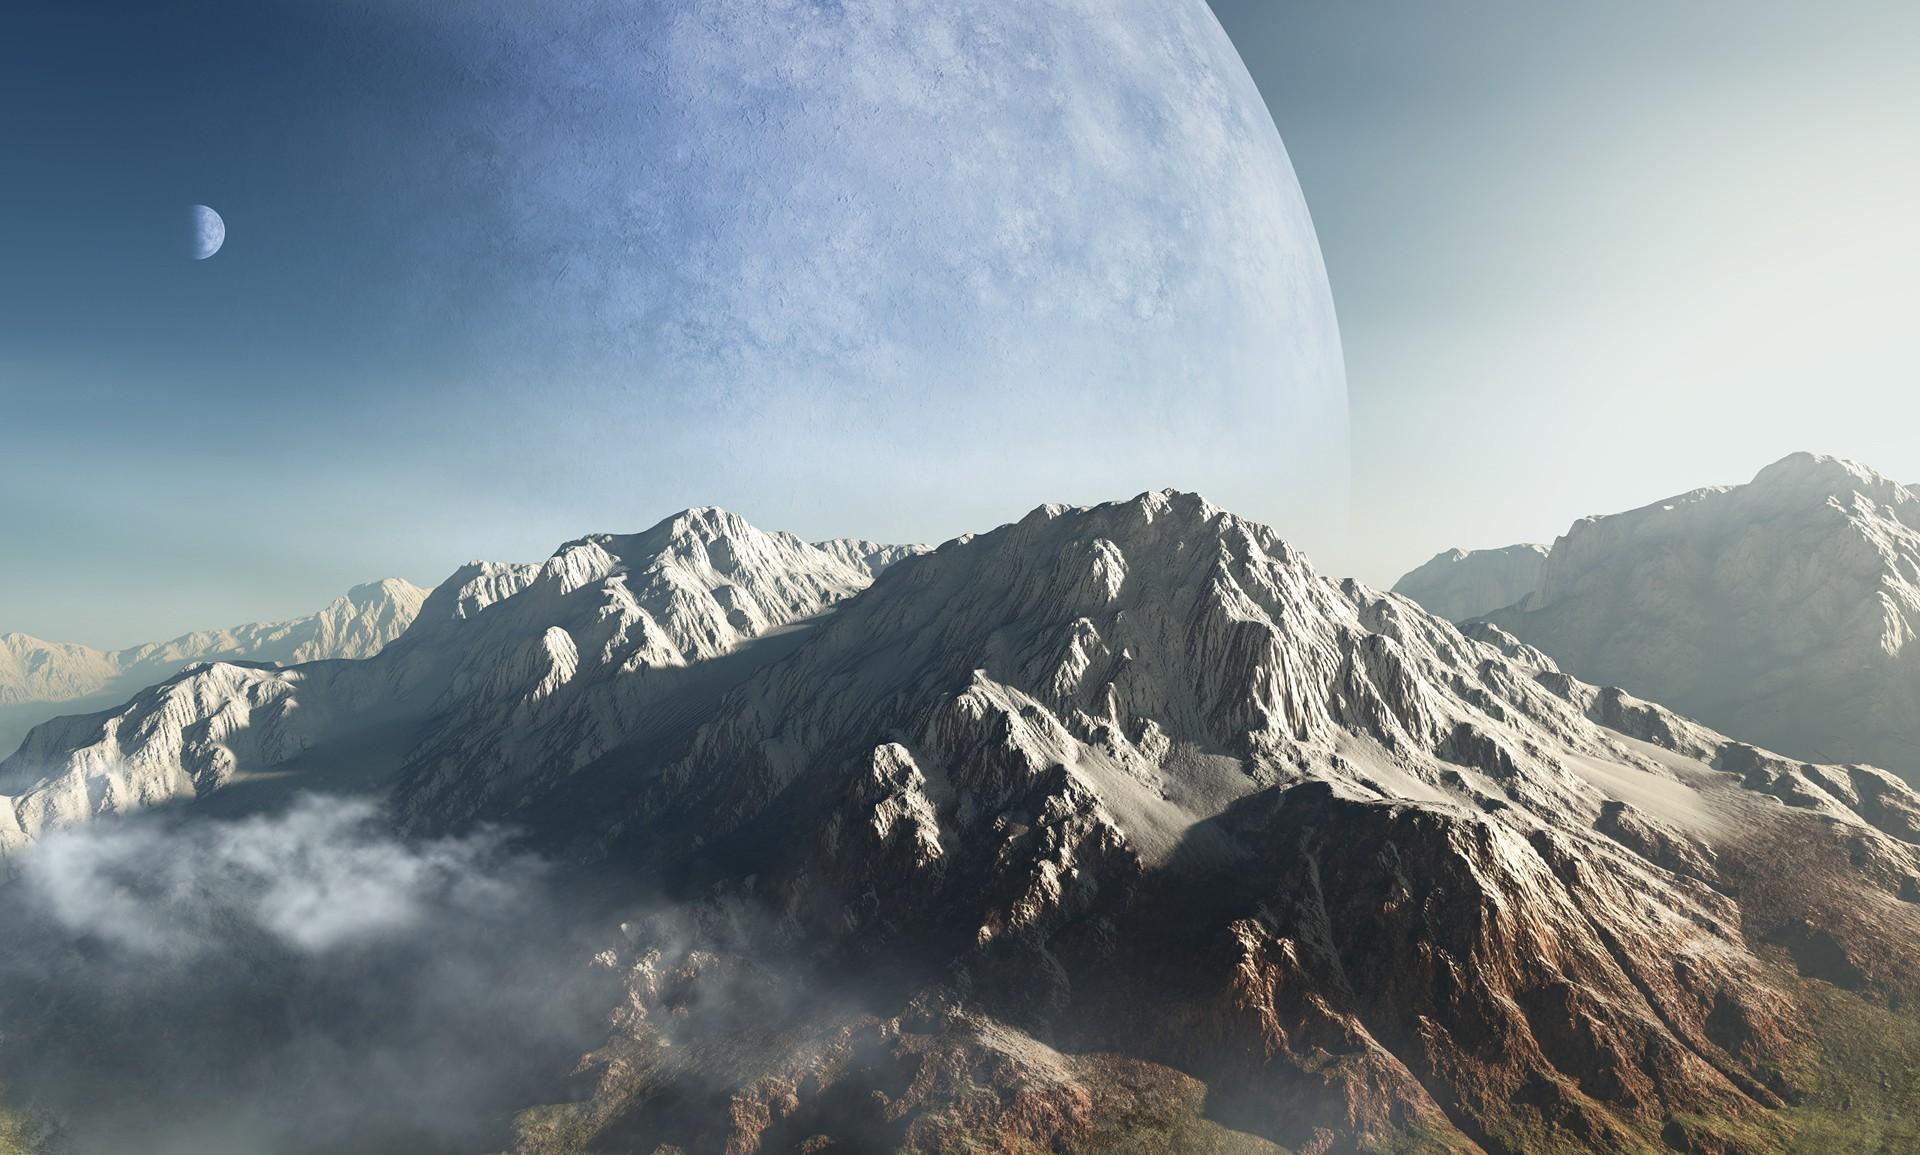 Планеты над горами  № 1164061 бесплатно